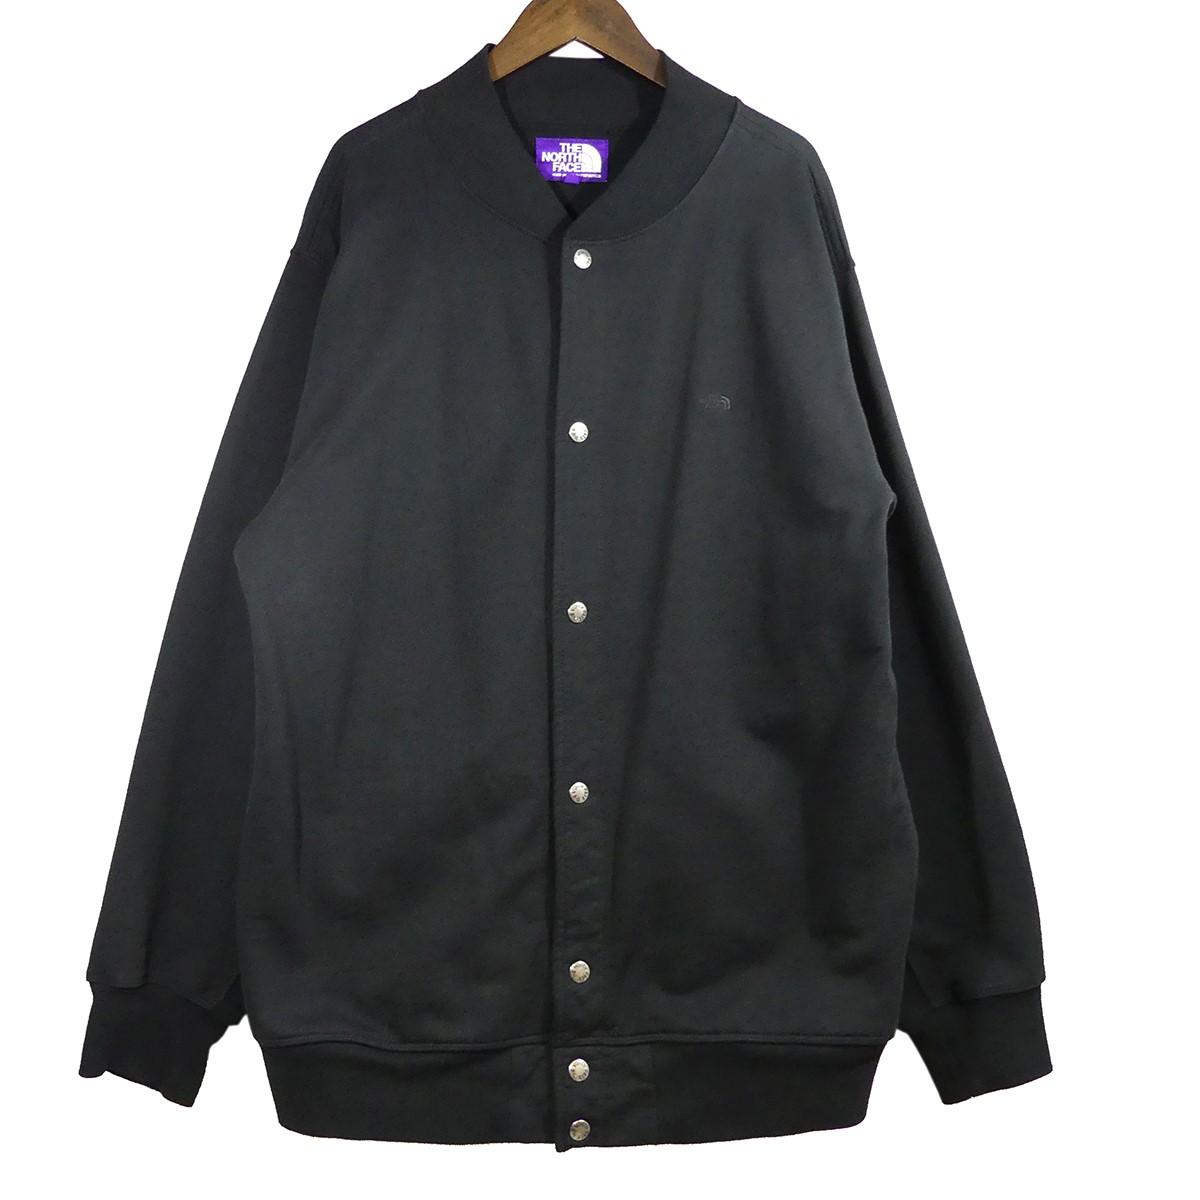 【中古】THE NORTHFACE PURPLELABEL Mountain Snap Cardigan ブラック サイズ:M 【040520】(ザノースフェイス パープルレーベル)